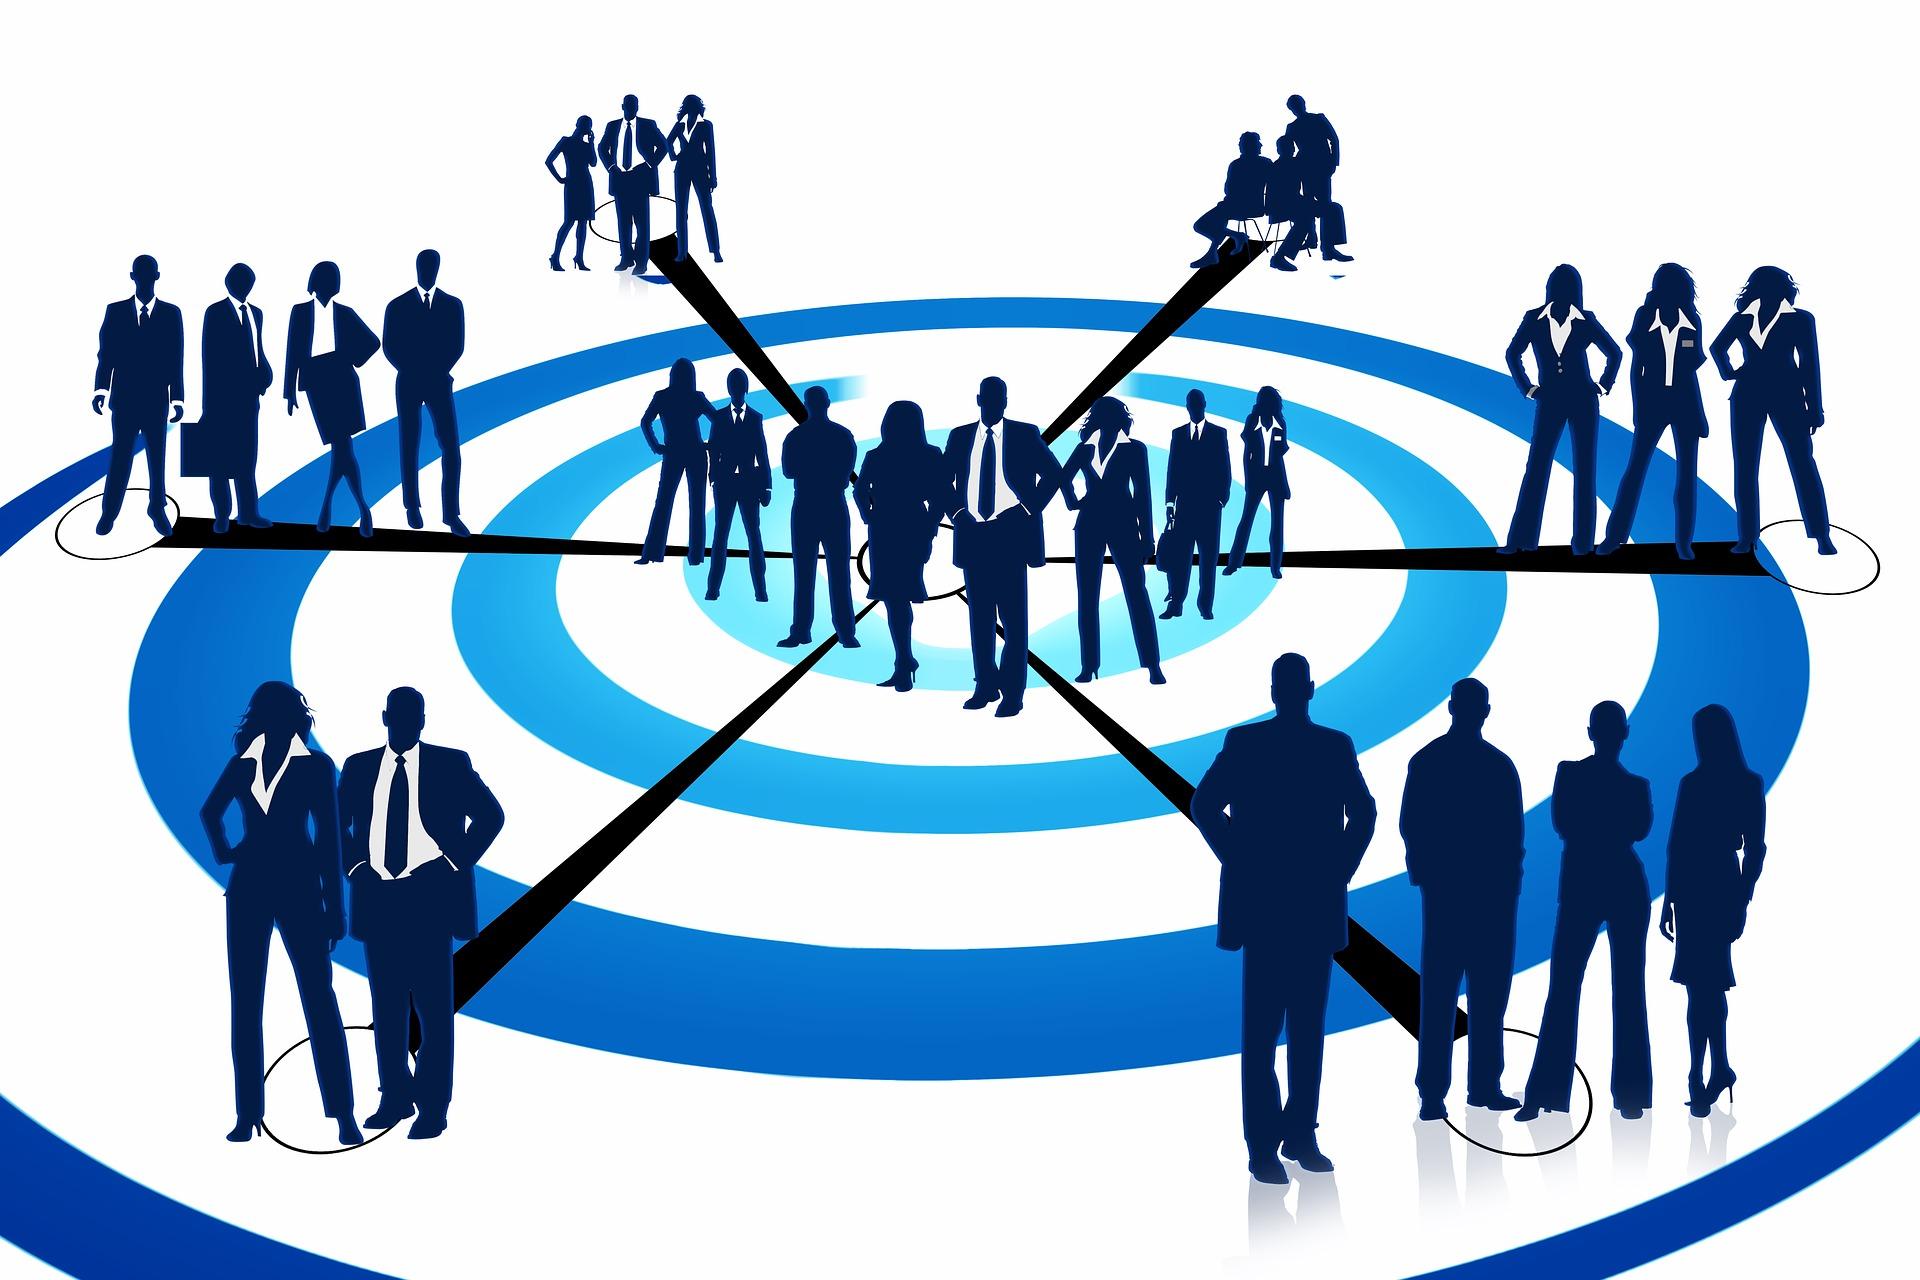 Delegation im Management - ein Selbsttest